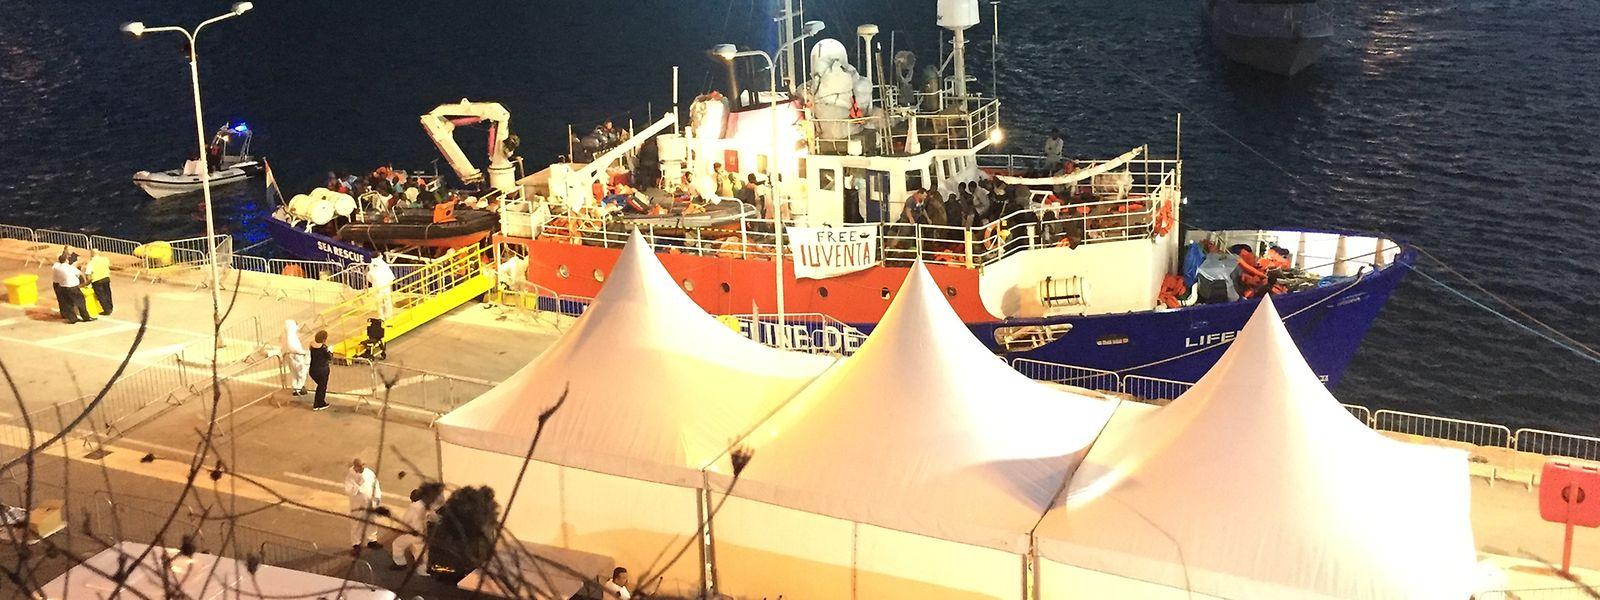 Das blockierte Flüchtlings-Rettungsschiff der deutschen Hilfsorganisation «Lifeline» liegt am Mittwochabend in dem Hafen von Valletta, festgemacht an der Pier.